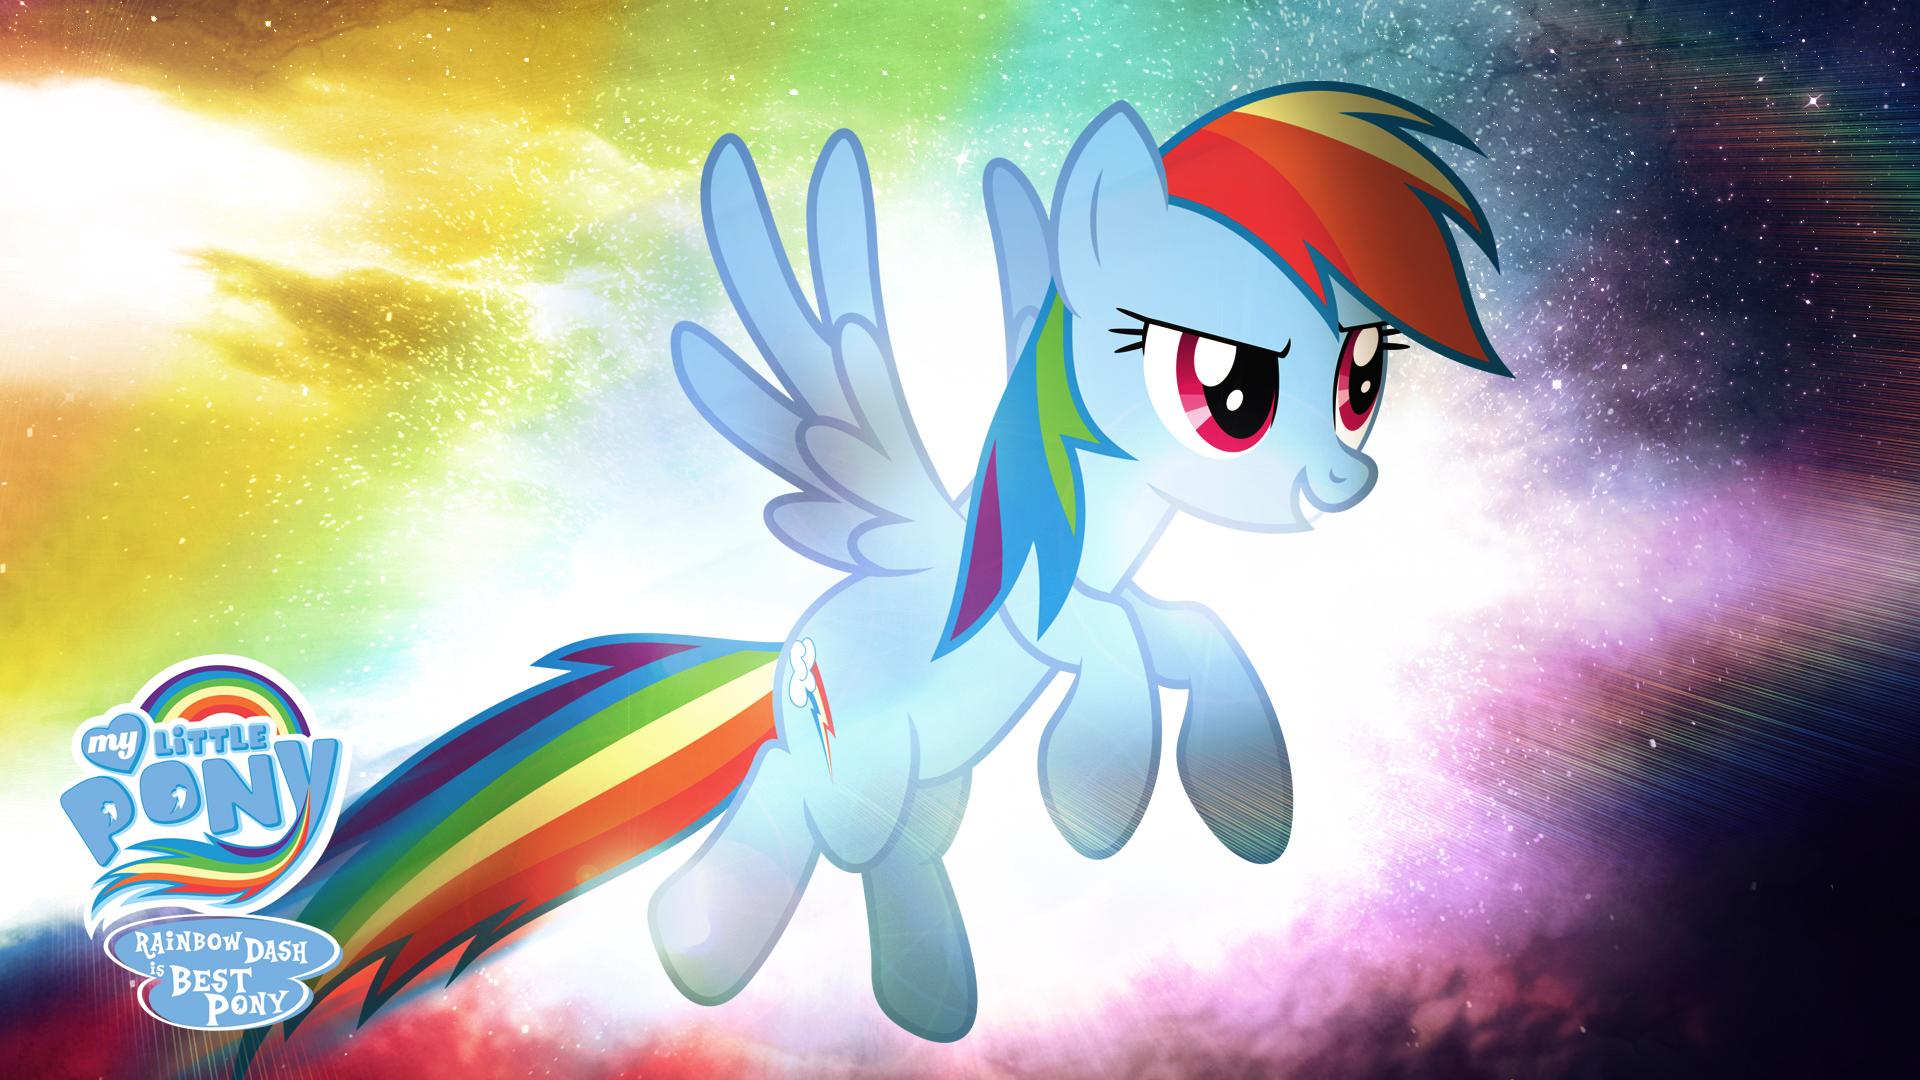 Rainbow Dash Is Best Pony Hd Wallpaper By Jackardy On Deviantart